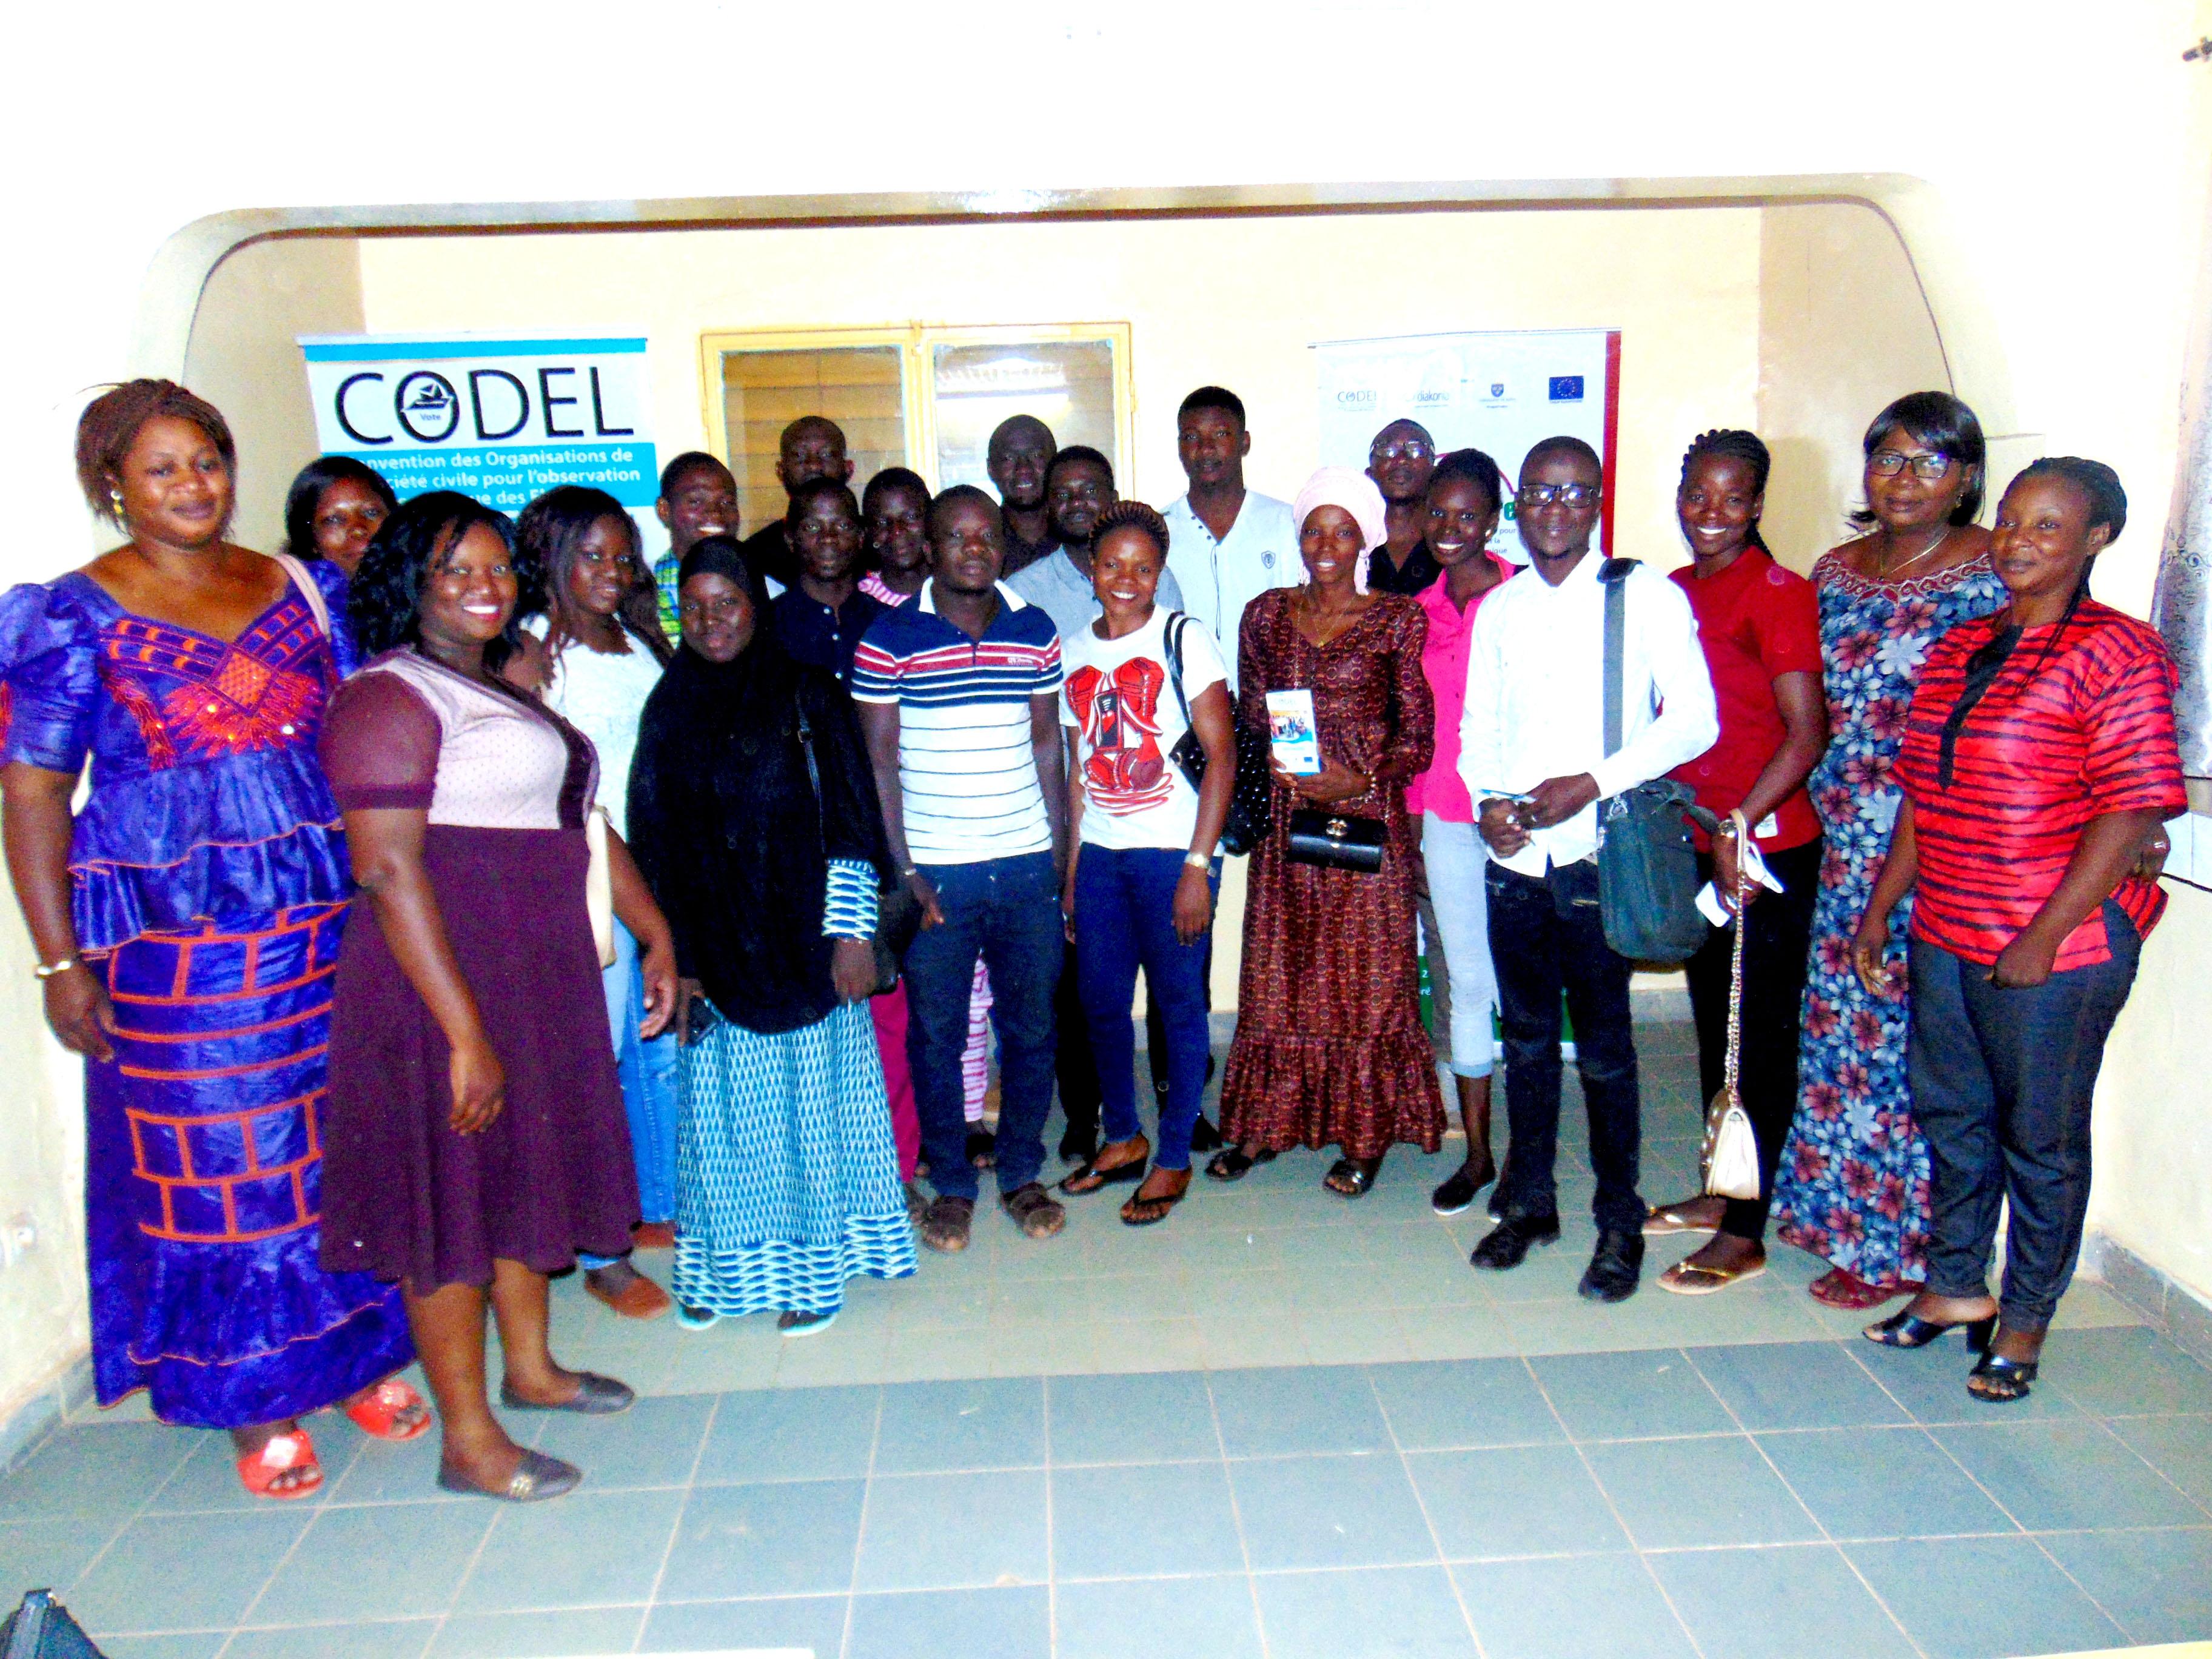 Imputabilité politique et redevabilité socio économique : La CODEL organise une série de sensibilisation dans des provinces du Burkina Faso.